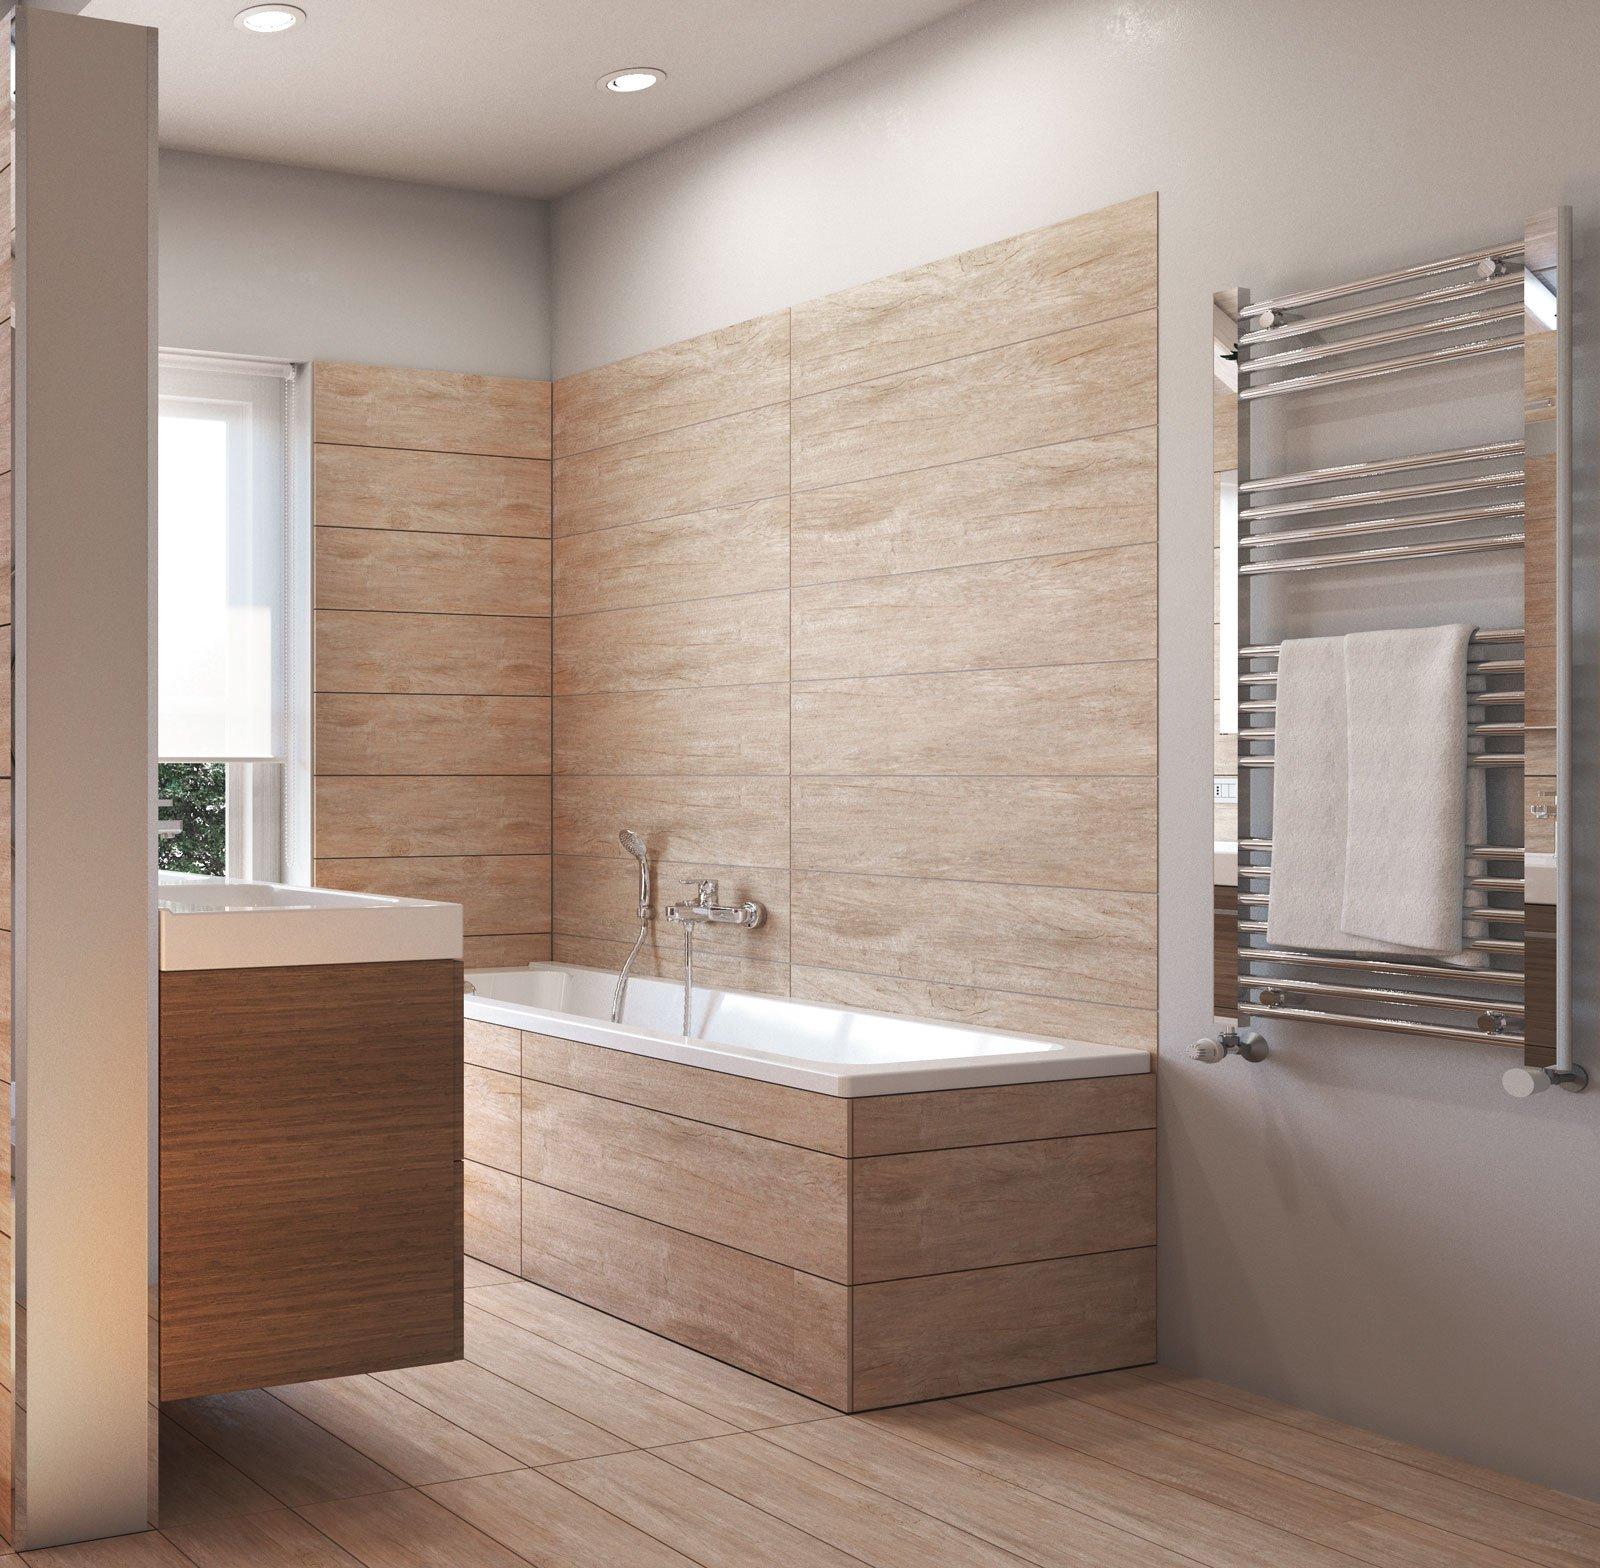 Da vasca a doccia un bagno nuovo su misura cose di casa - Comporre un bagno ...